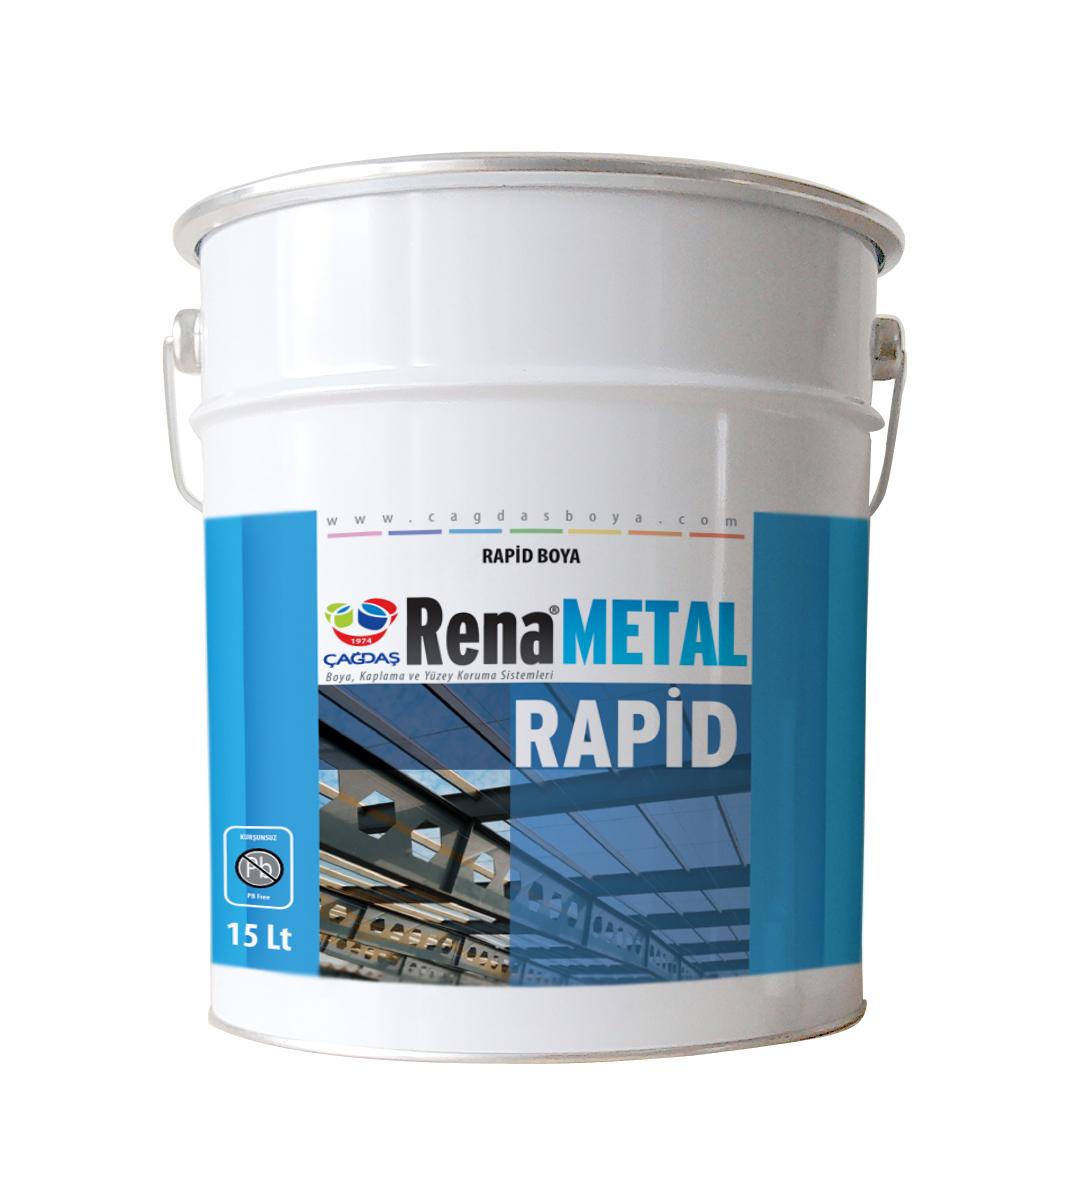 Rena Metal Rapid Primer